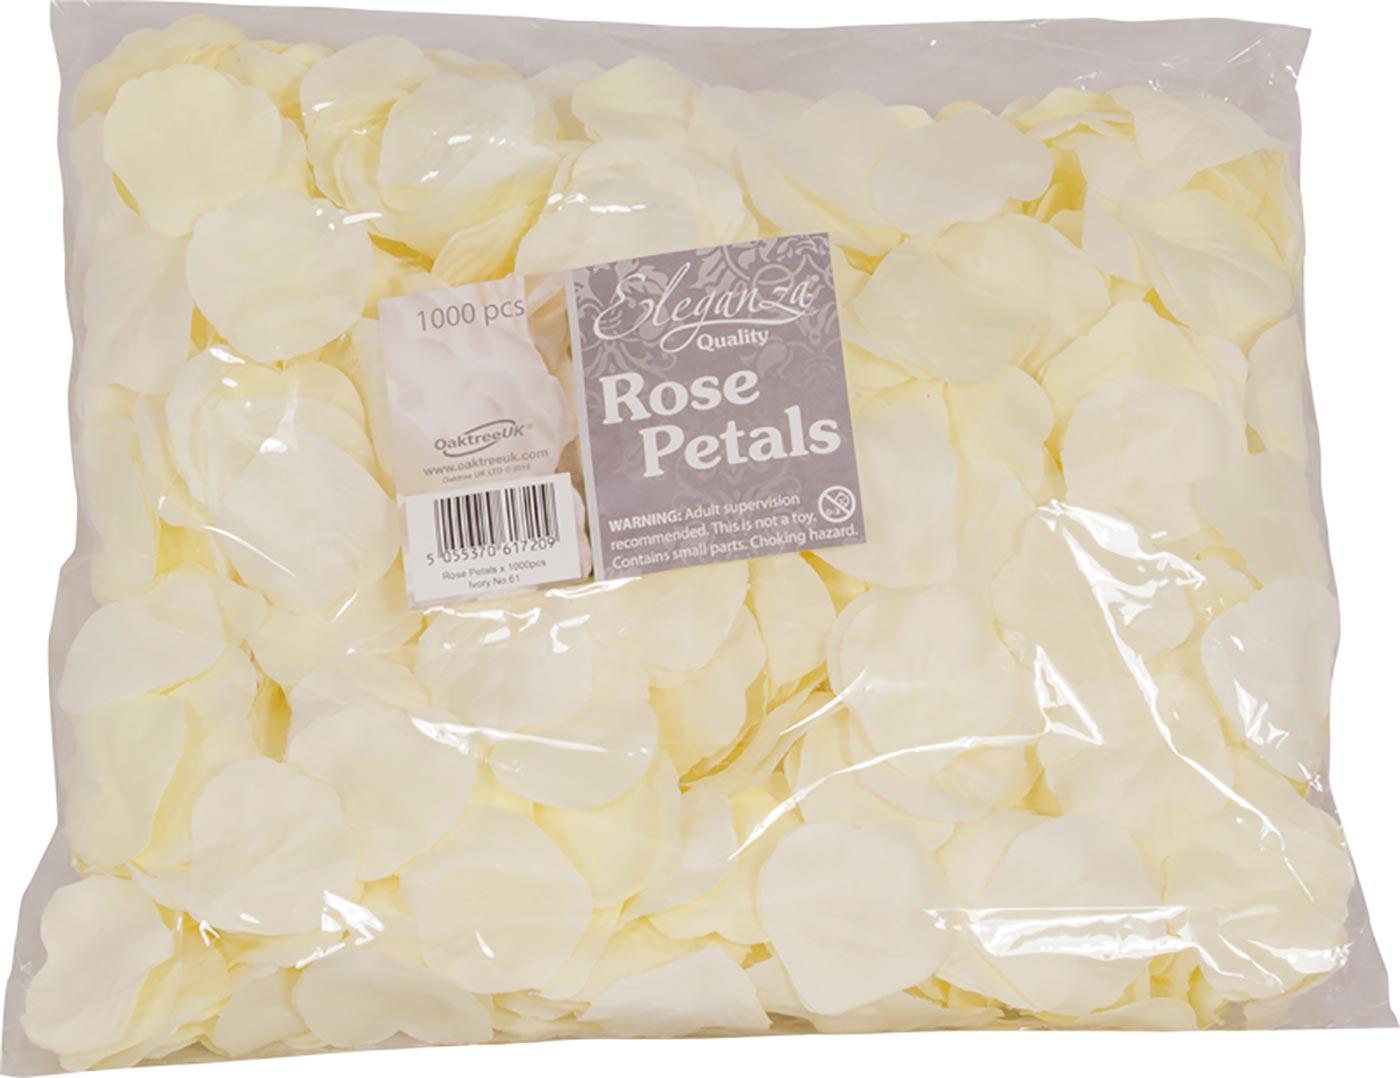 Eleganza Rose Petals x 1000pcs Ivory